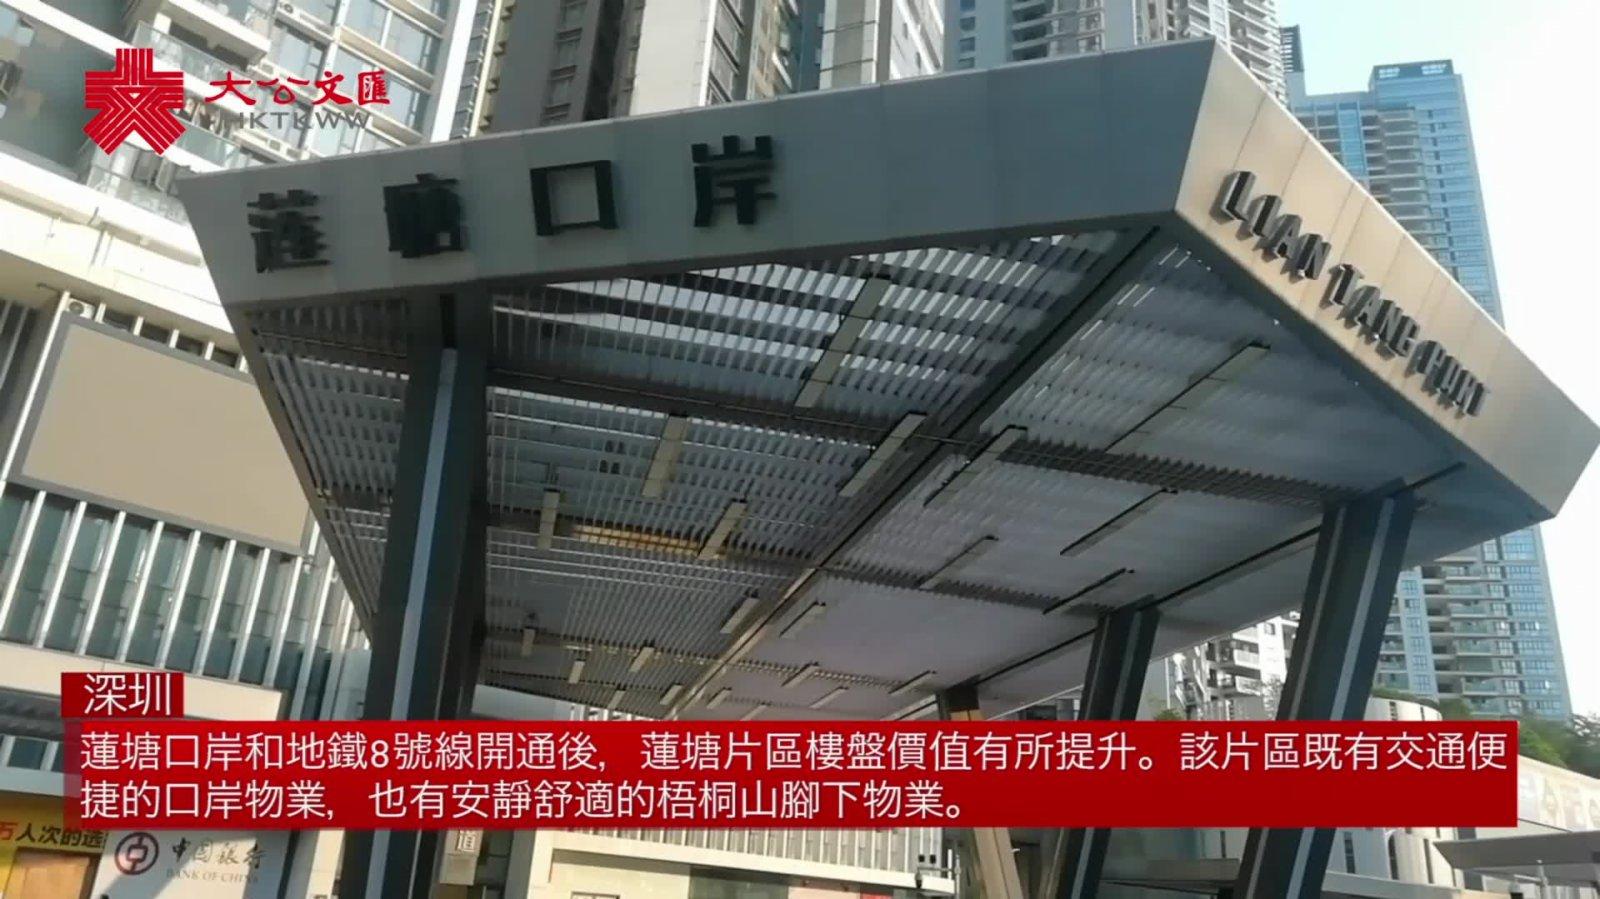 深圳蓮塘口岸交通升級便利港人出行 片區樓市獲發展利好